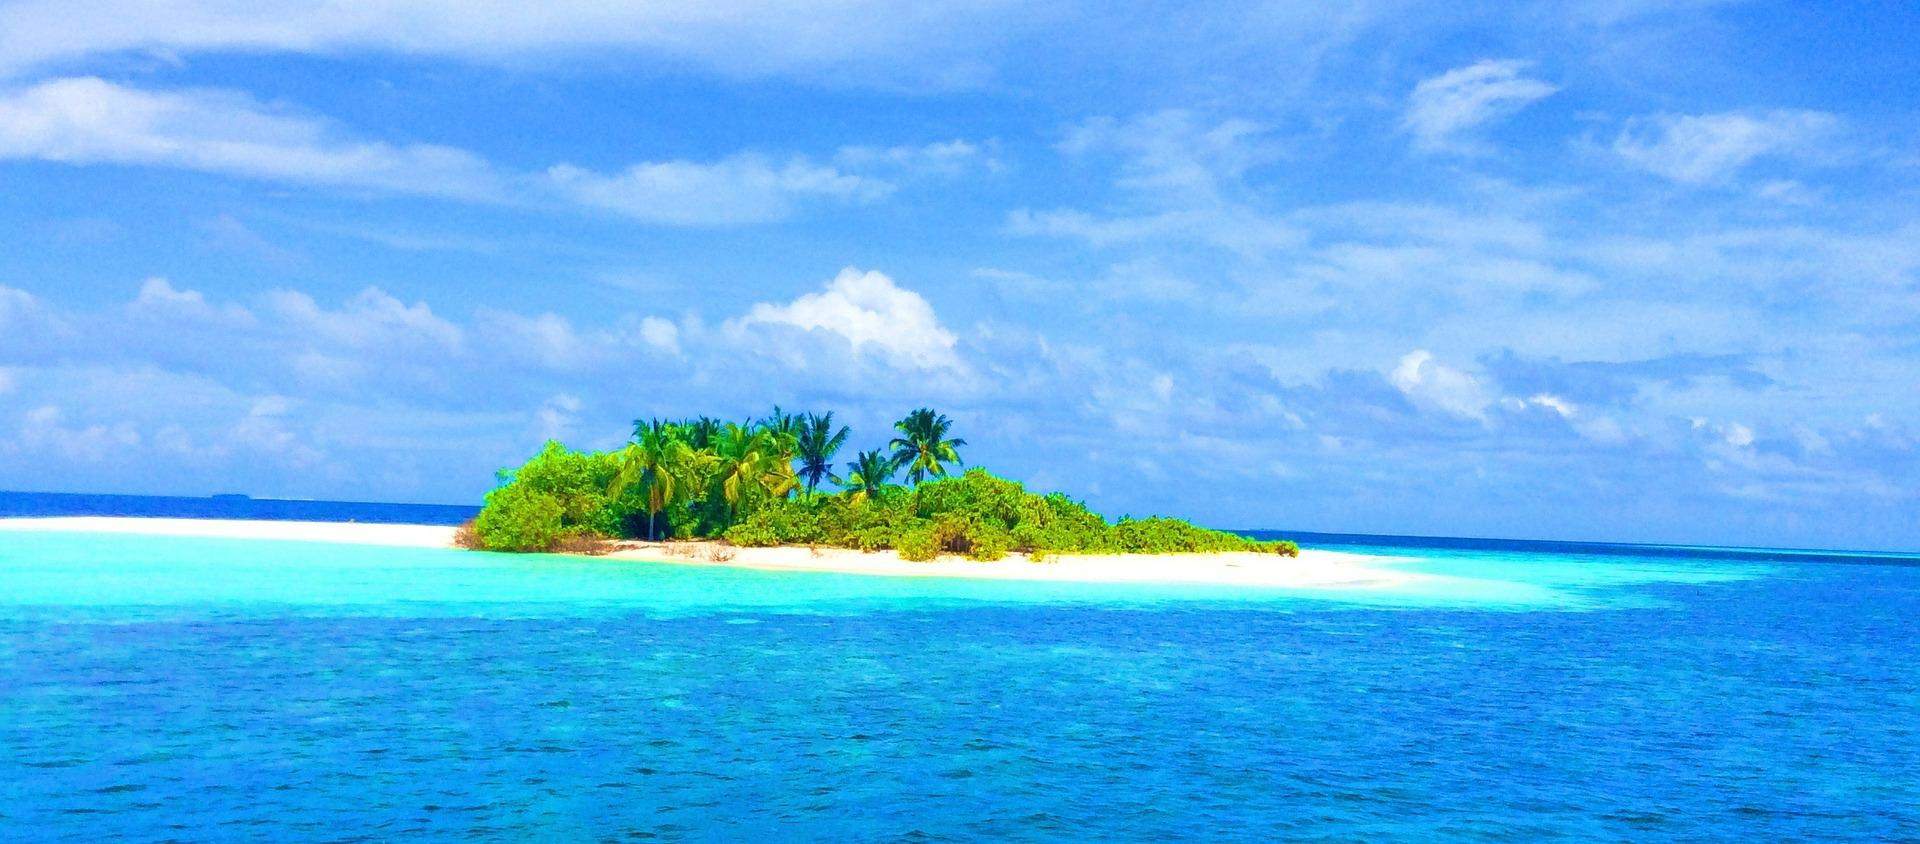 isole maldive spiagge più belle